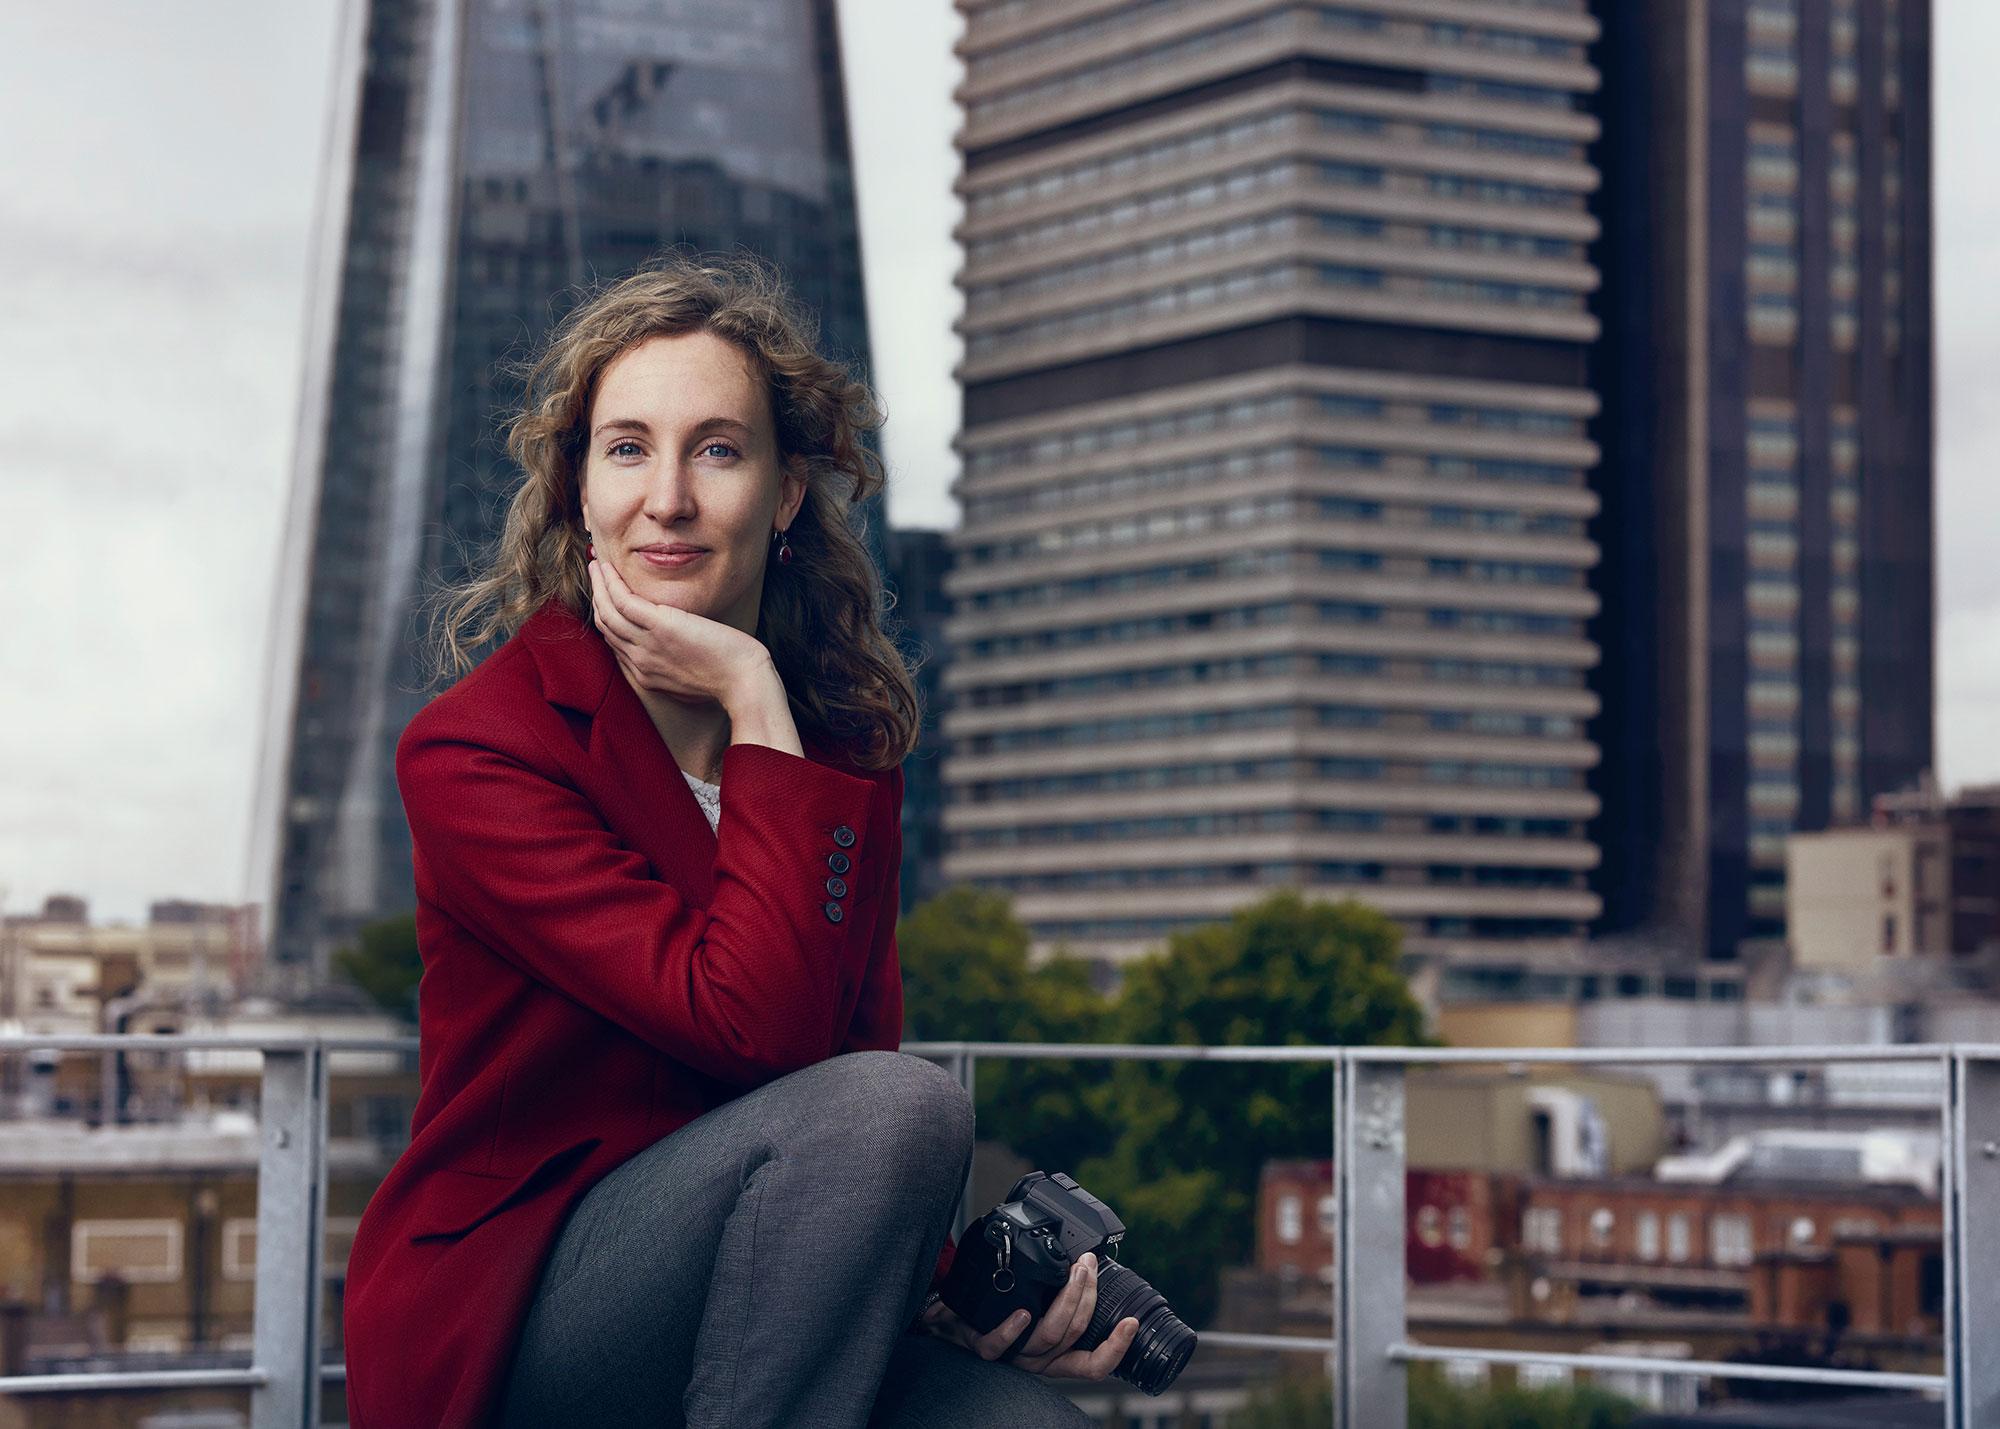 Women-in-data-portraits-Berenice-Pila-Diez-by-Sane-Seven-2000px-wide